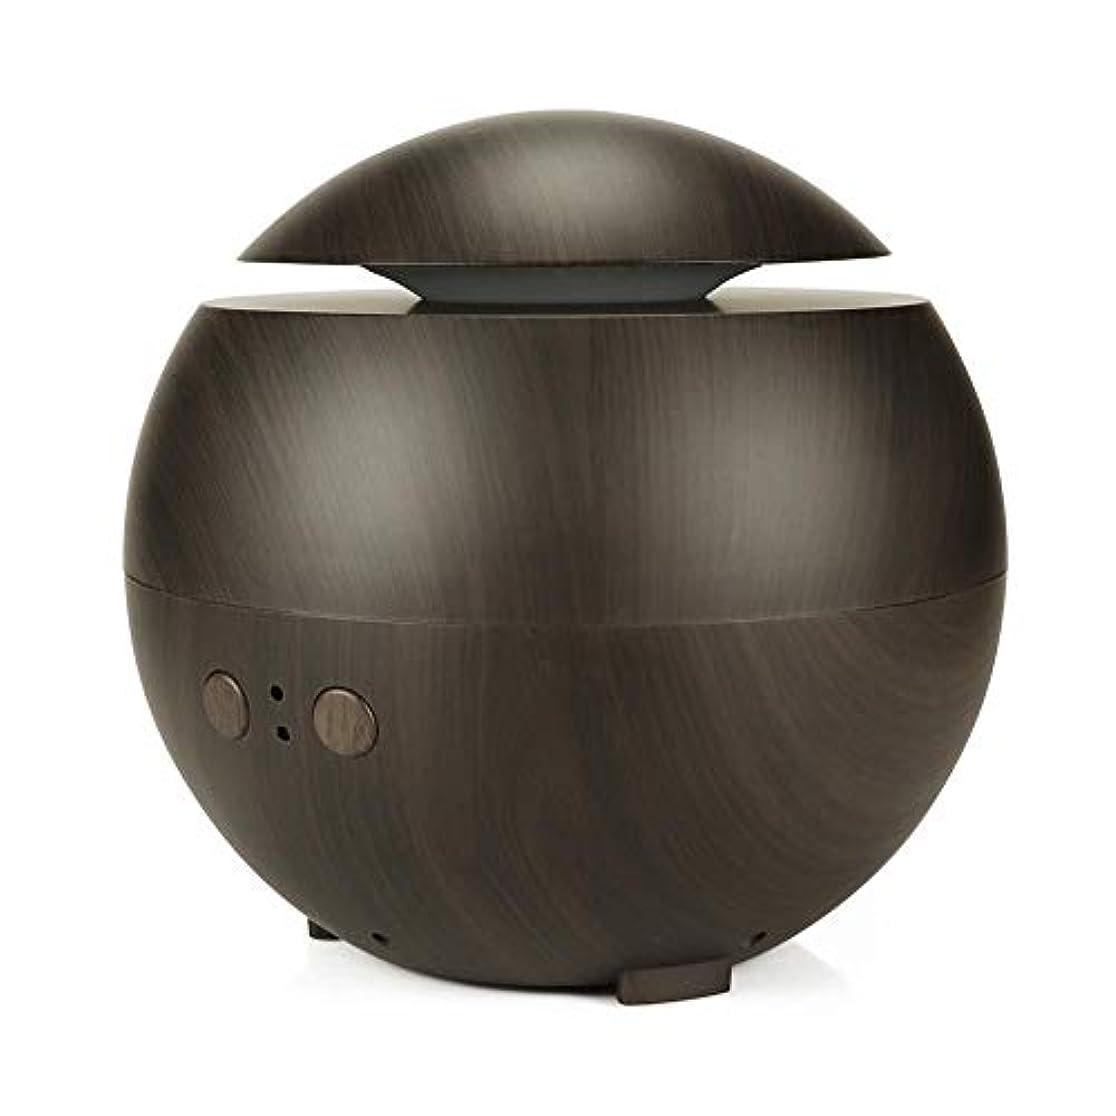 距離交響曲メイエラアロマ加湿器 超音波式加湿器 アロマディフューザー ABSとPP製 600ml 大容量 シンプル おしゃれ 静音 空焚き防止 耐腐食性 長持ち使える 木目調 Styleshow